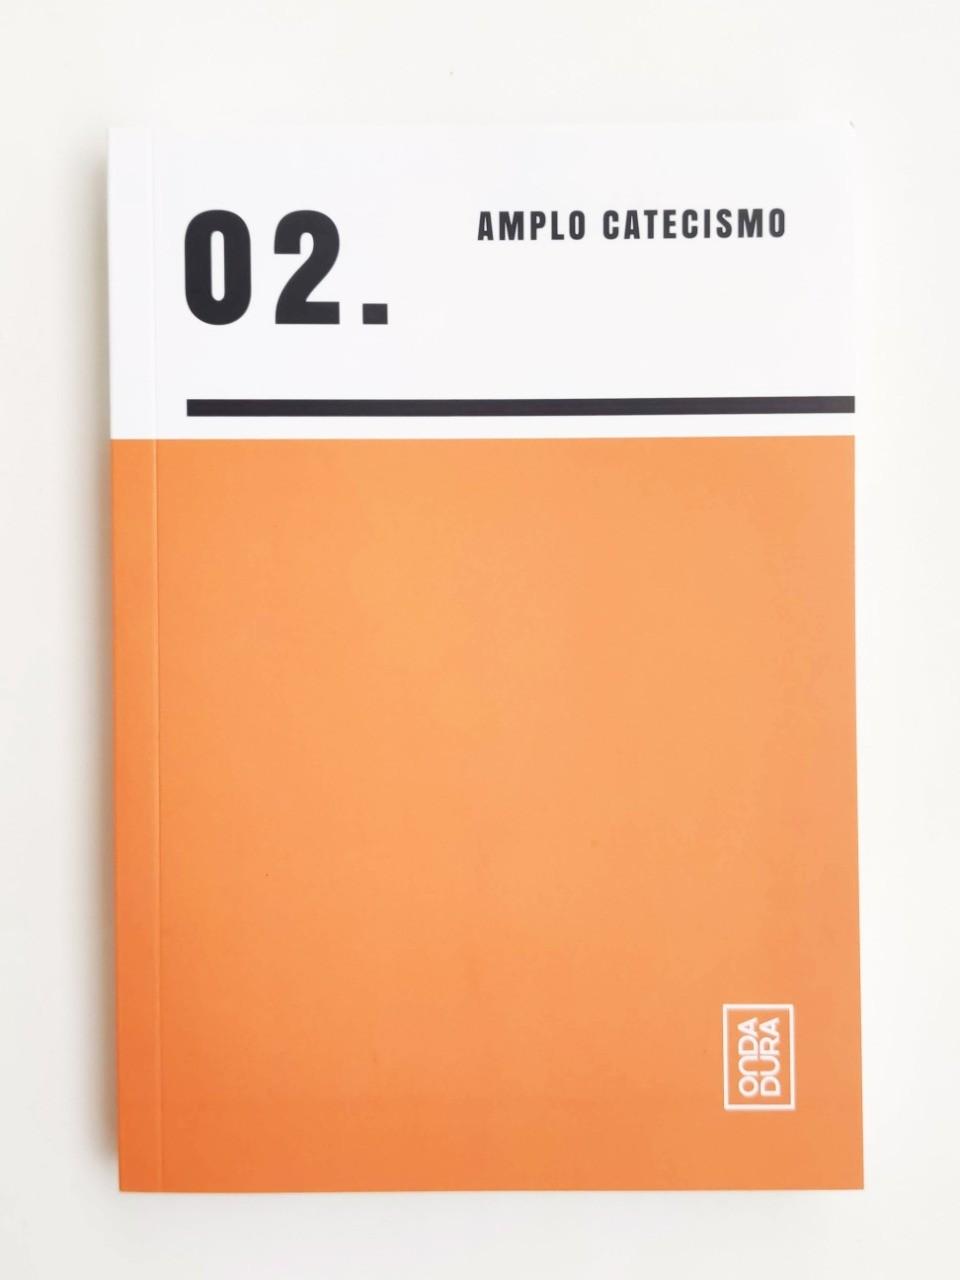 Apostila 02 - Amplo Catecismo